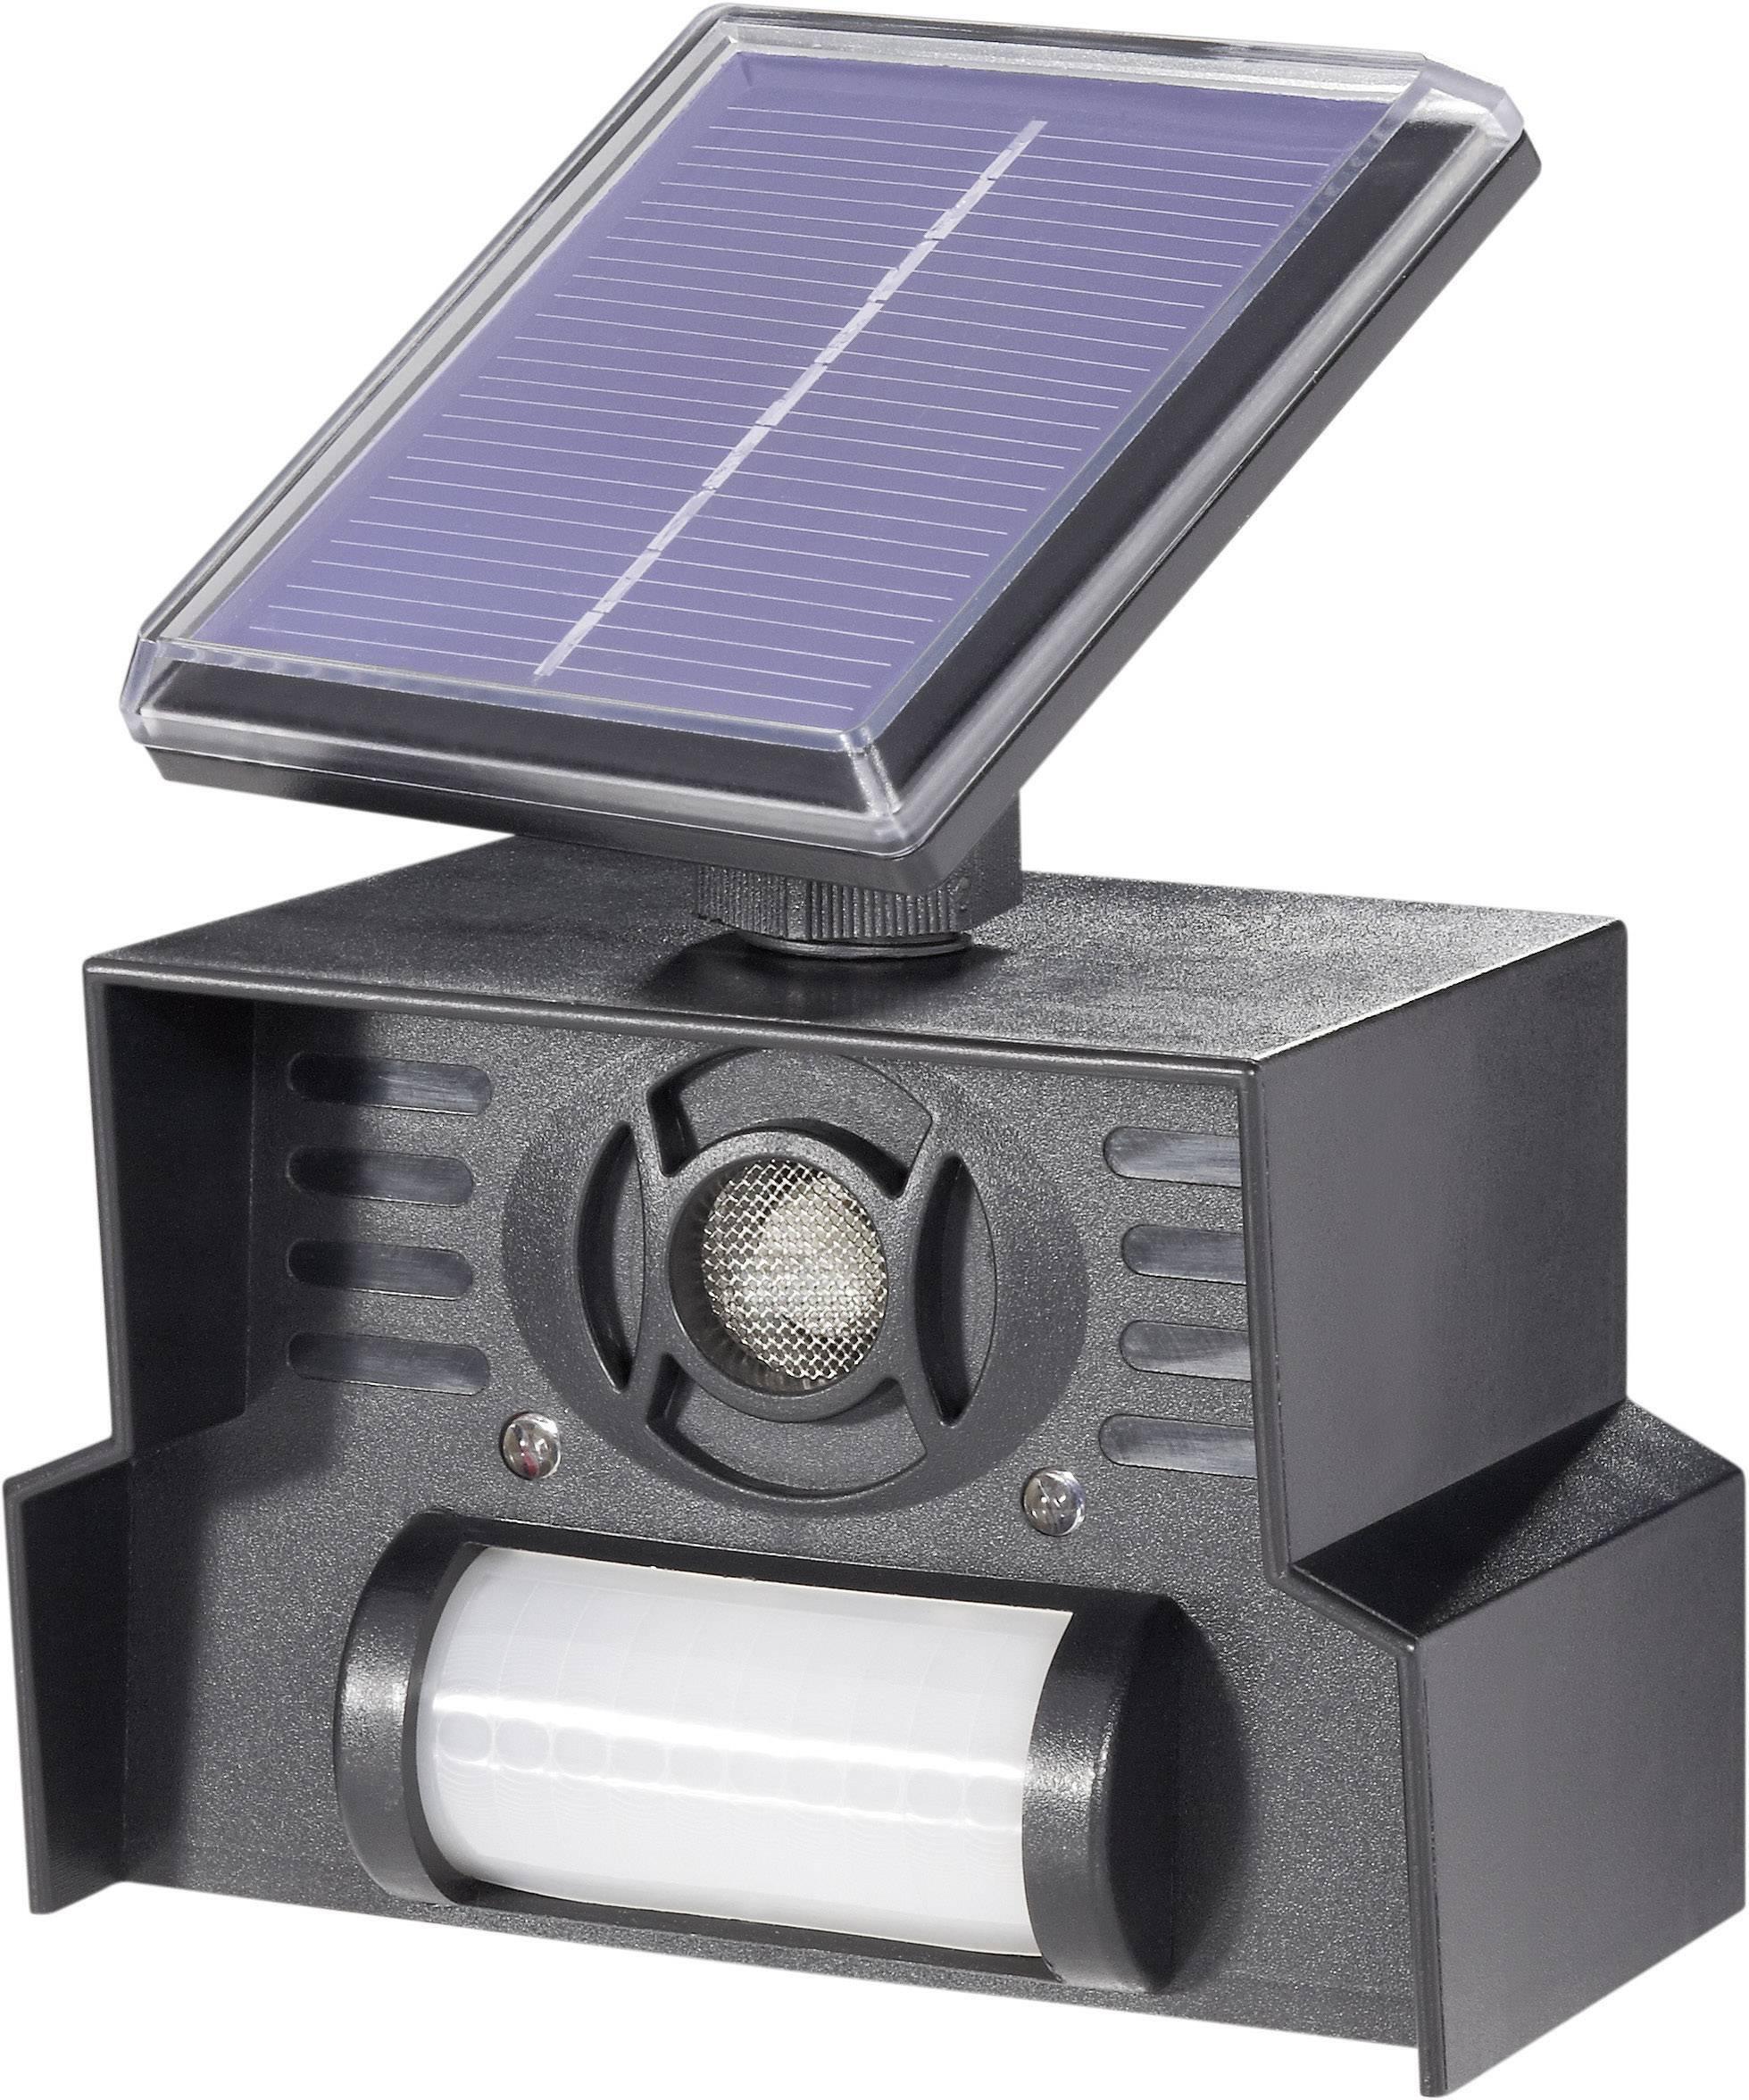 Solárny odpudzovač zvierat s PIR senzorom